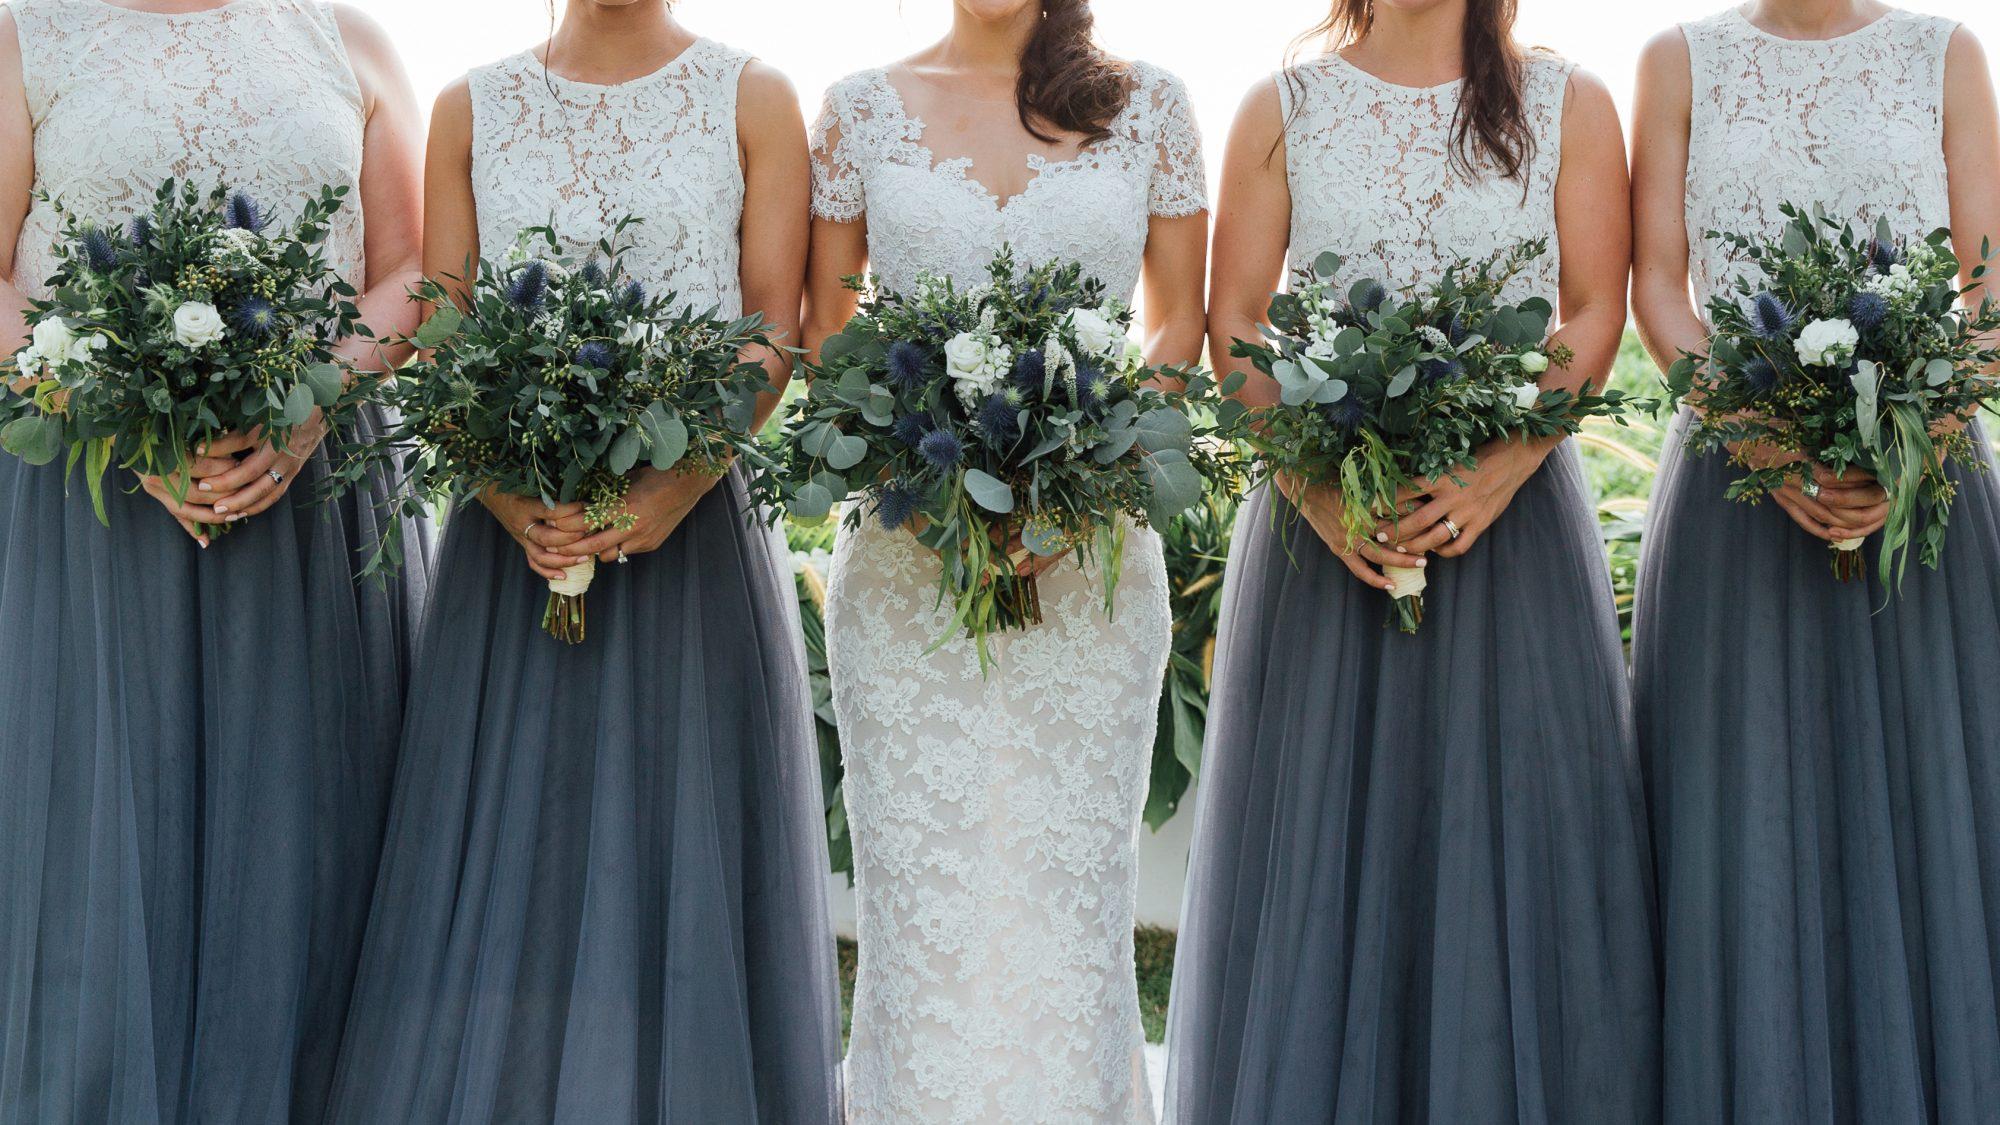 bridesmaid at alter